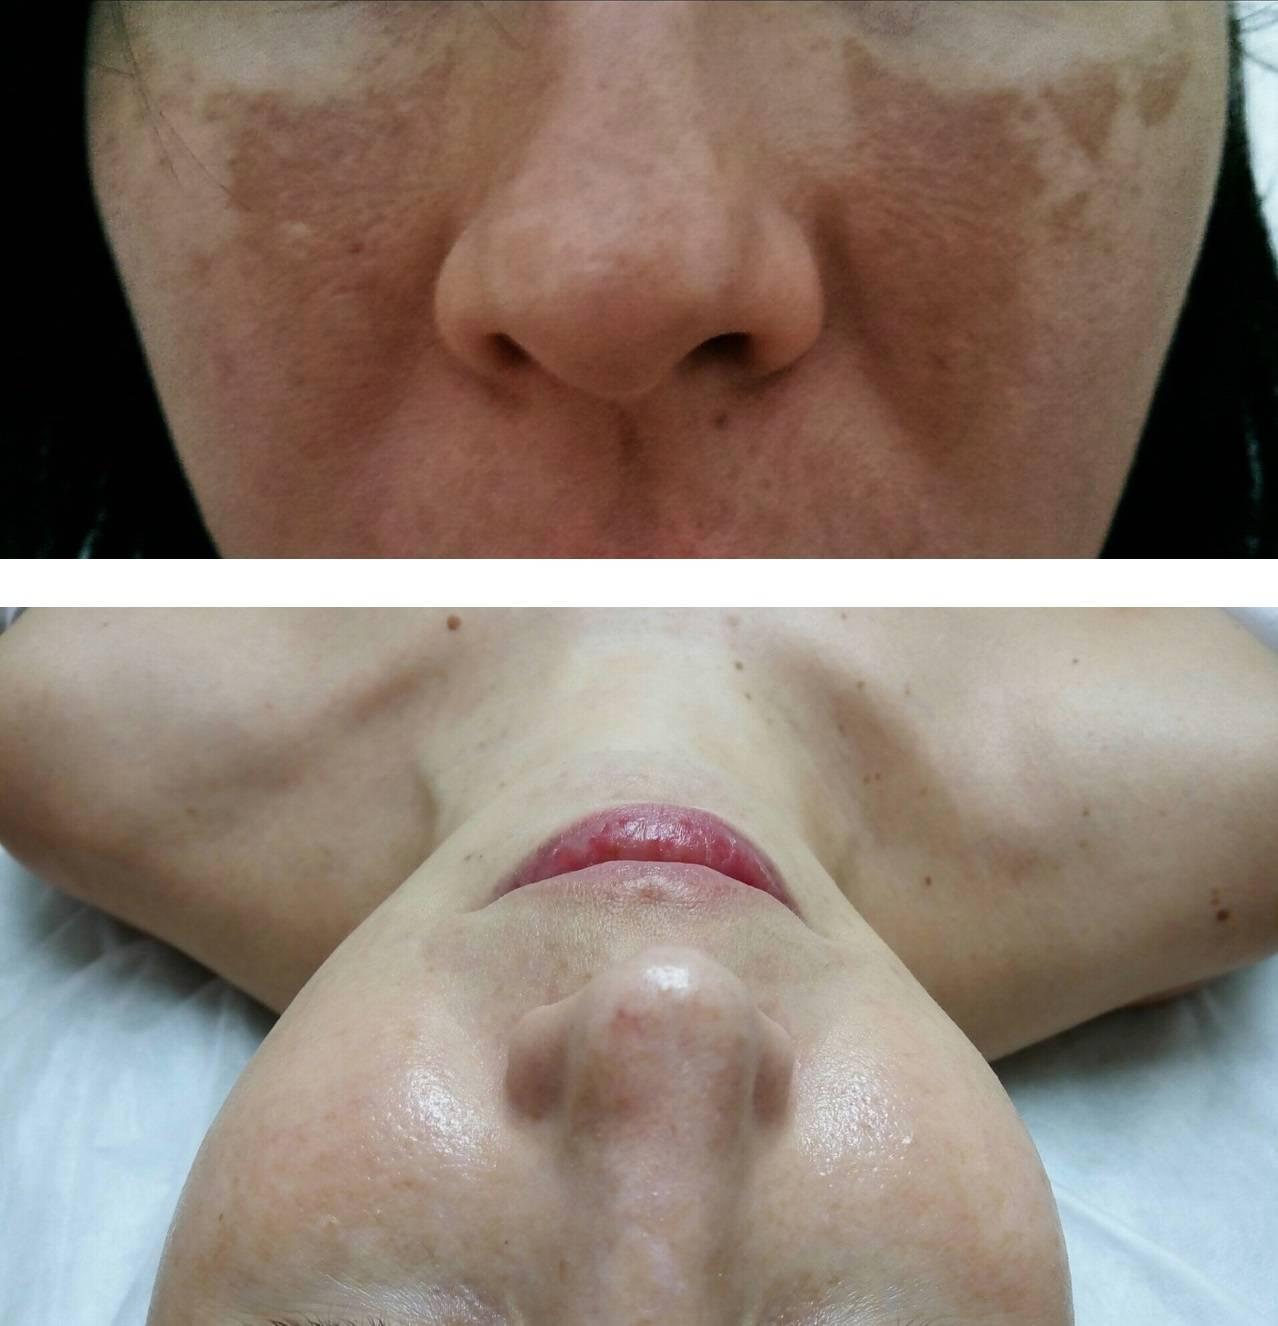 За и против кротонового пилинга у косметолога